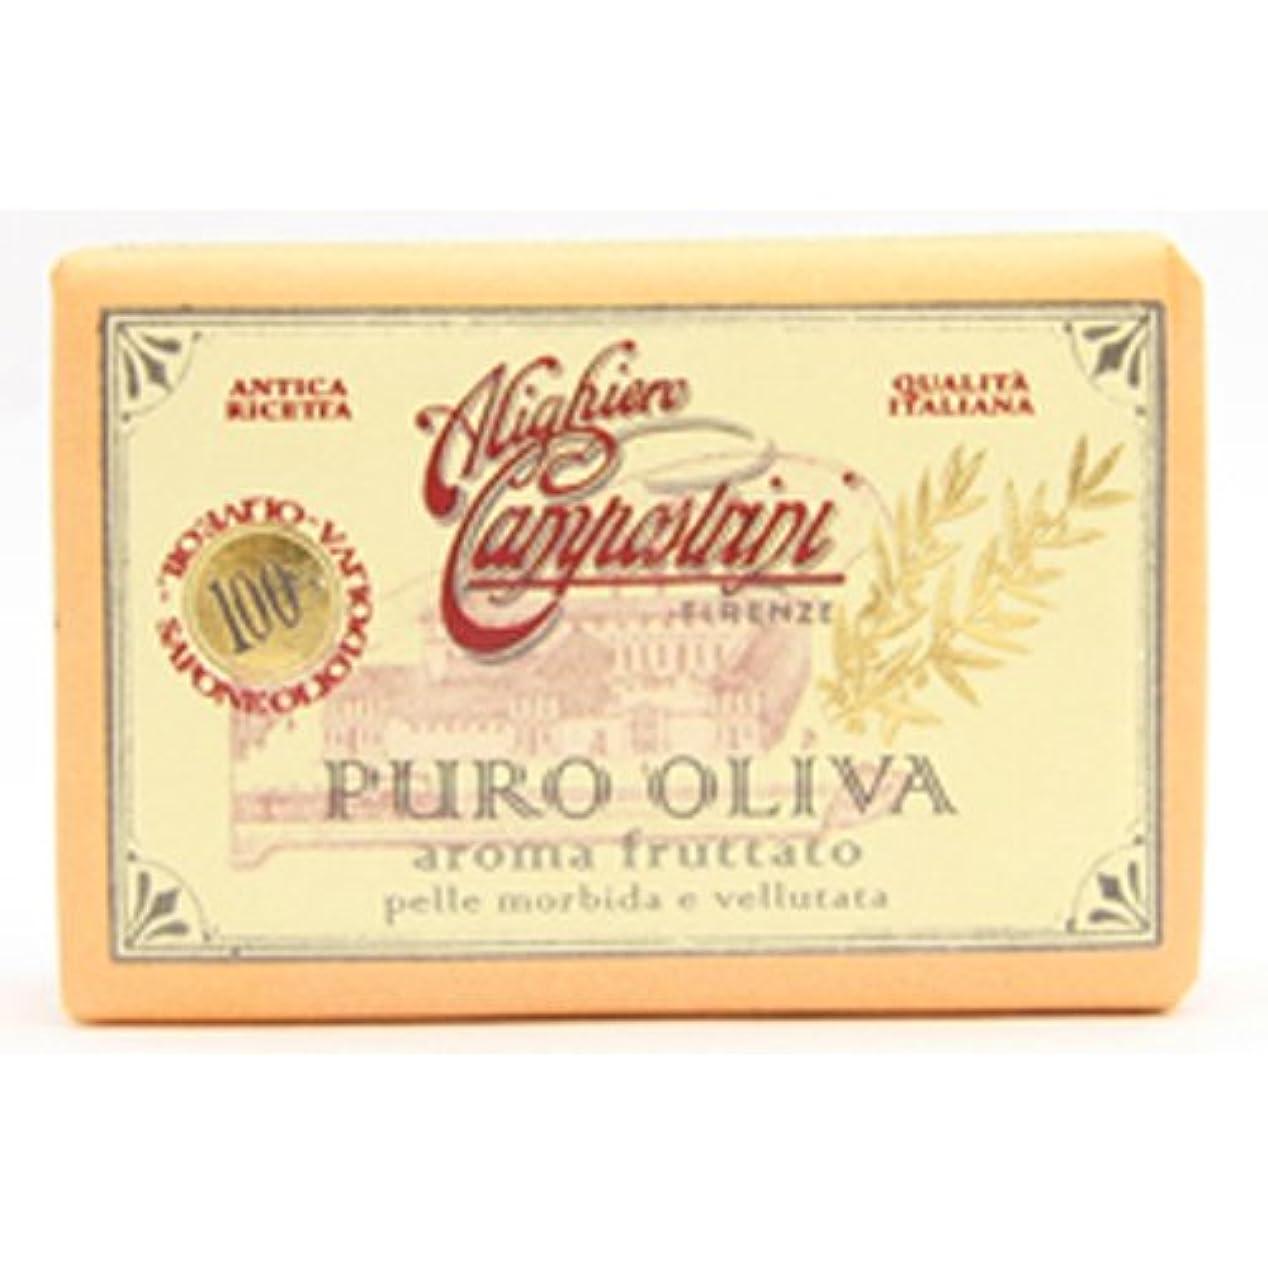 ディスコ気球妖精Saponerire Fissi サポネリーフィッシー PURO OLIVA Soap オリーブオイル ピュロ ソープ Aroma fruttato フルーツ(オレンジ)